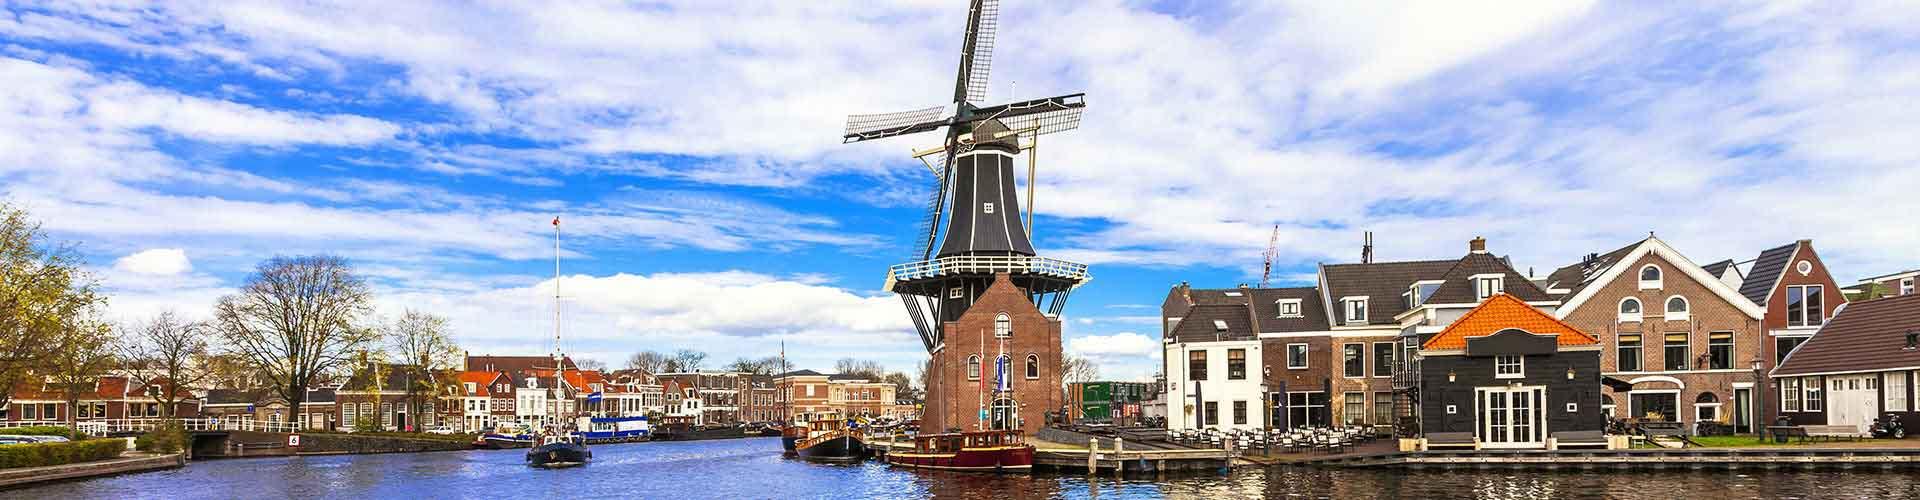 Haarlem - Appartments à Haarlem. Cartes pour Haarlem, photos et commentaires pour chaque appartement à Haarlem.